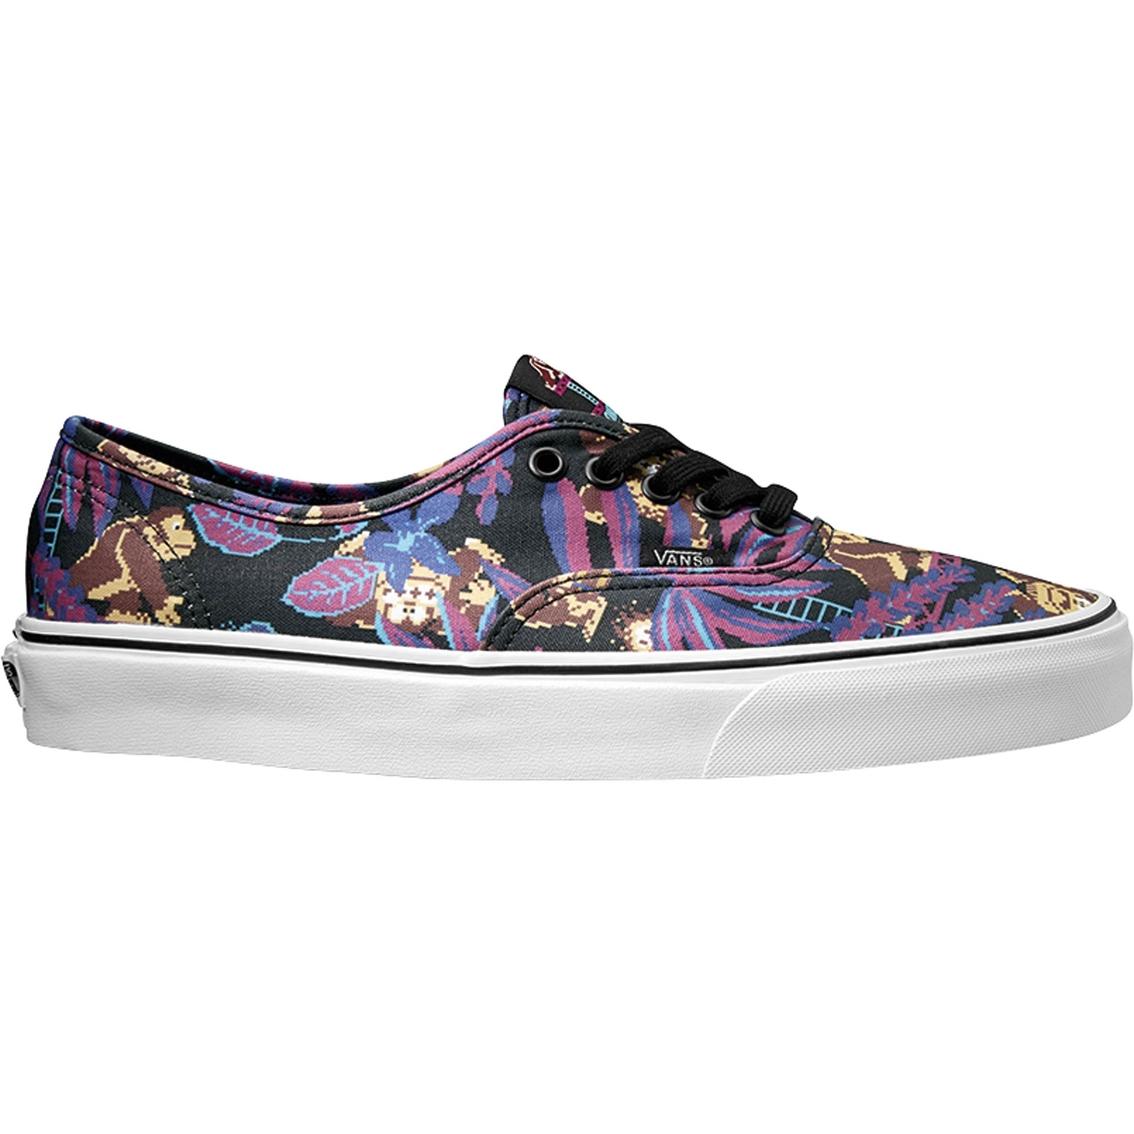 d24de4a53c0e Vans Men s Nintendo Donkey Kong Authentic Shoes